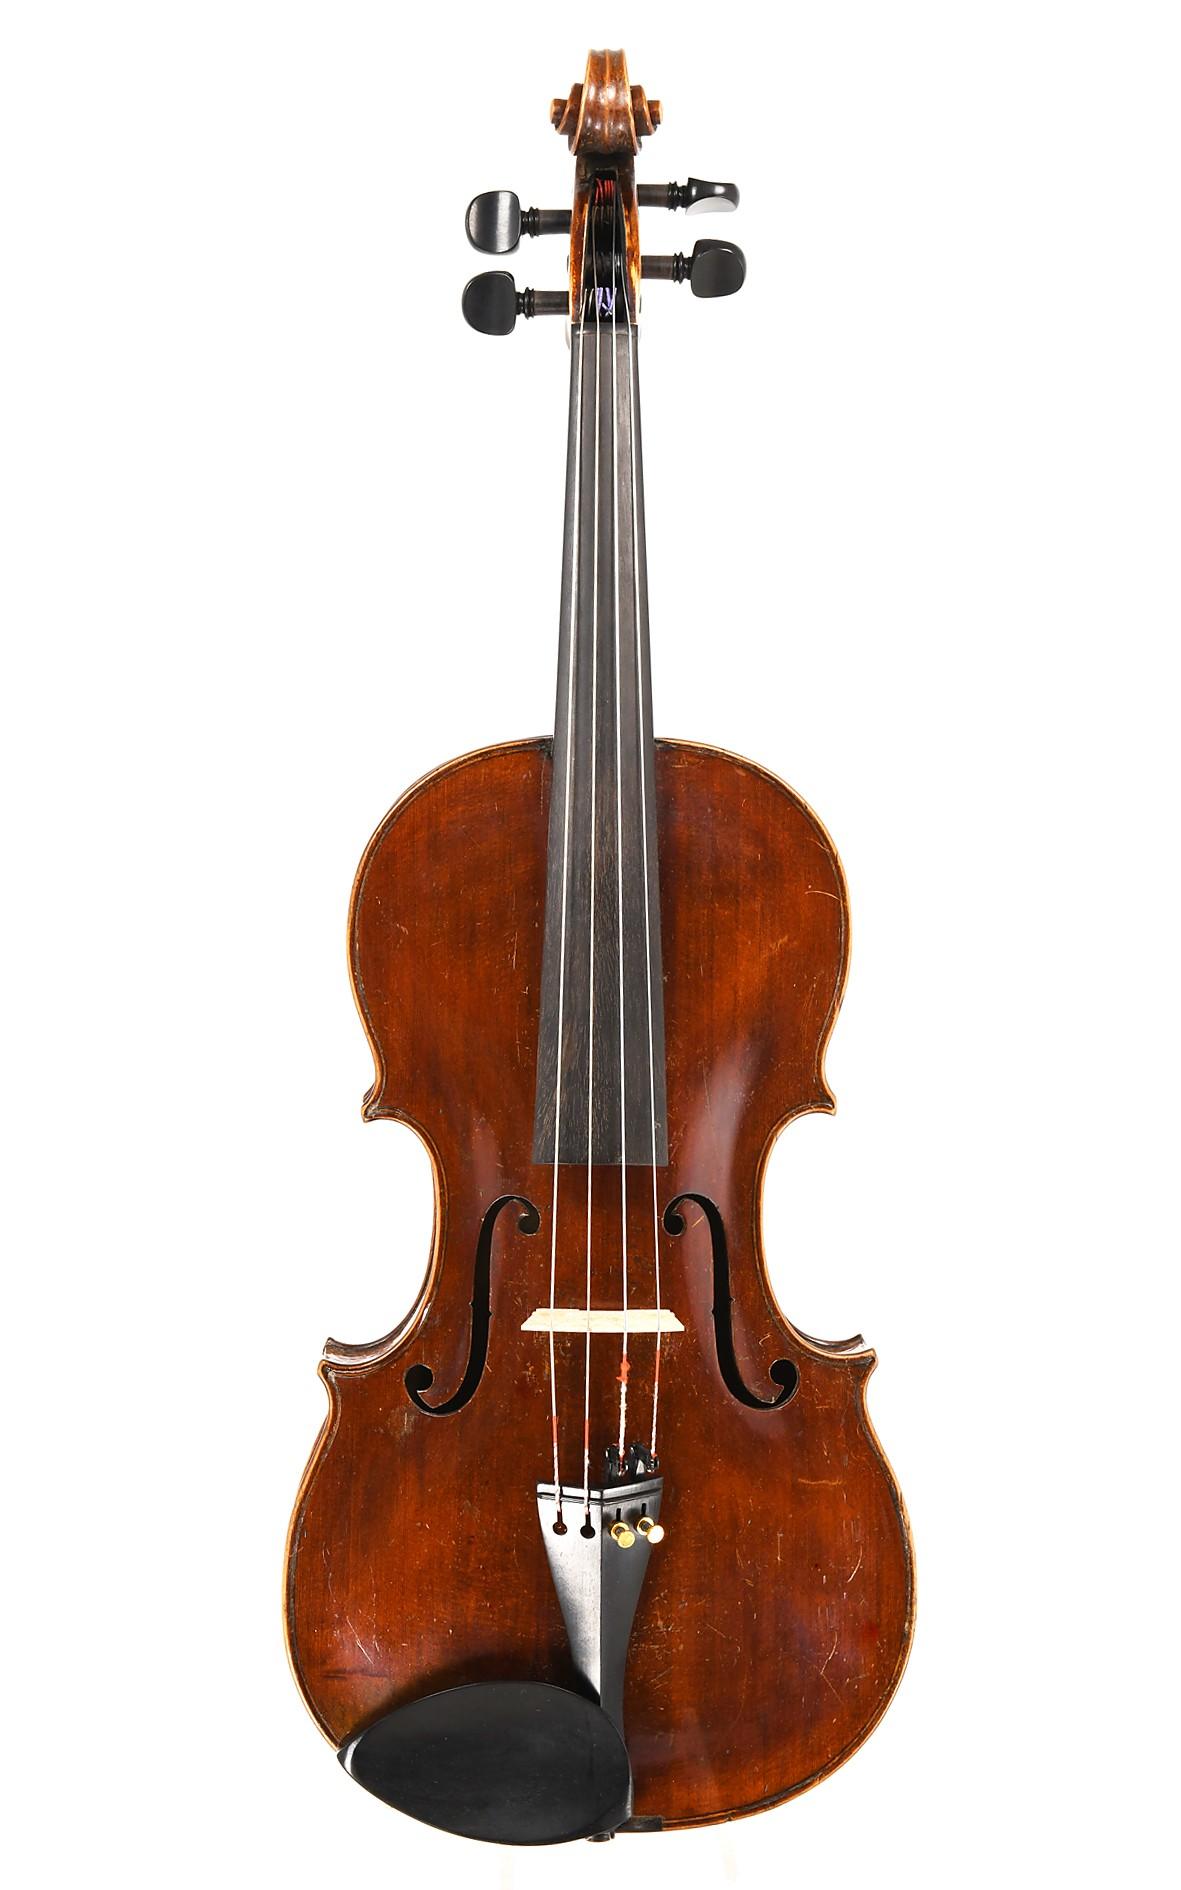 Fine, 18th century Markneukirchen viola